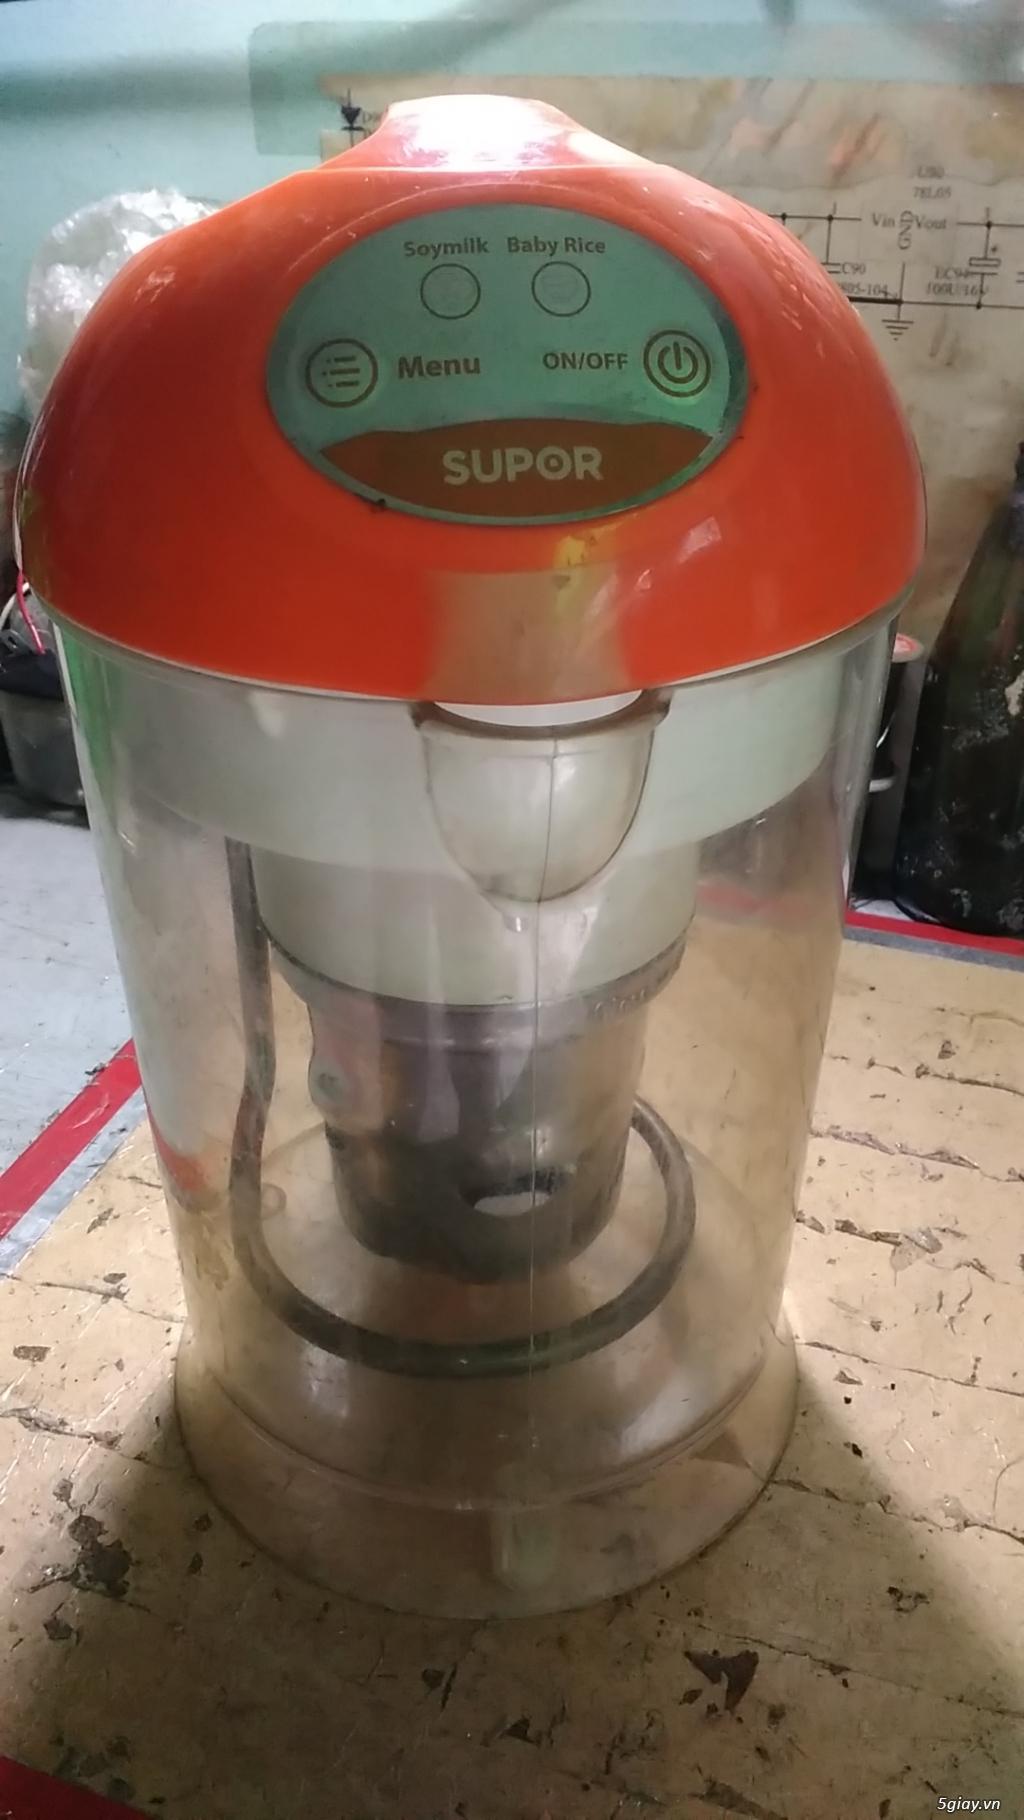 Chuyên sửa lò vi sóng, sửa bếp điện từ, sửa bếp hồng ngoại, sửa nồi áp suất, 0908244258, .... - 26